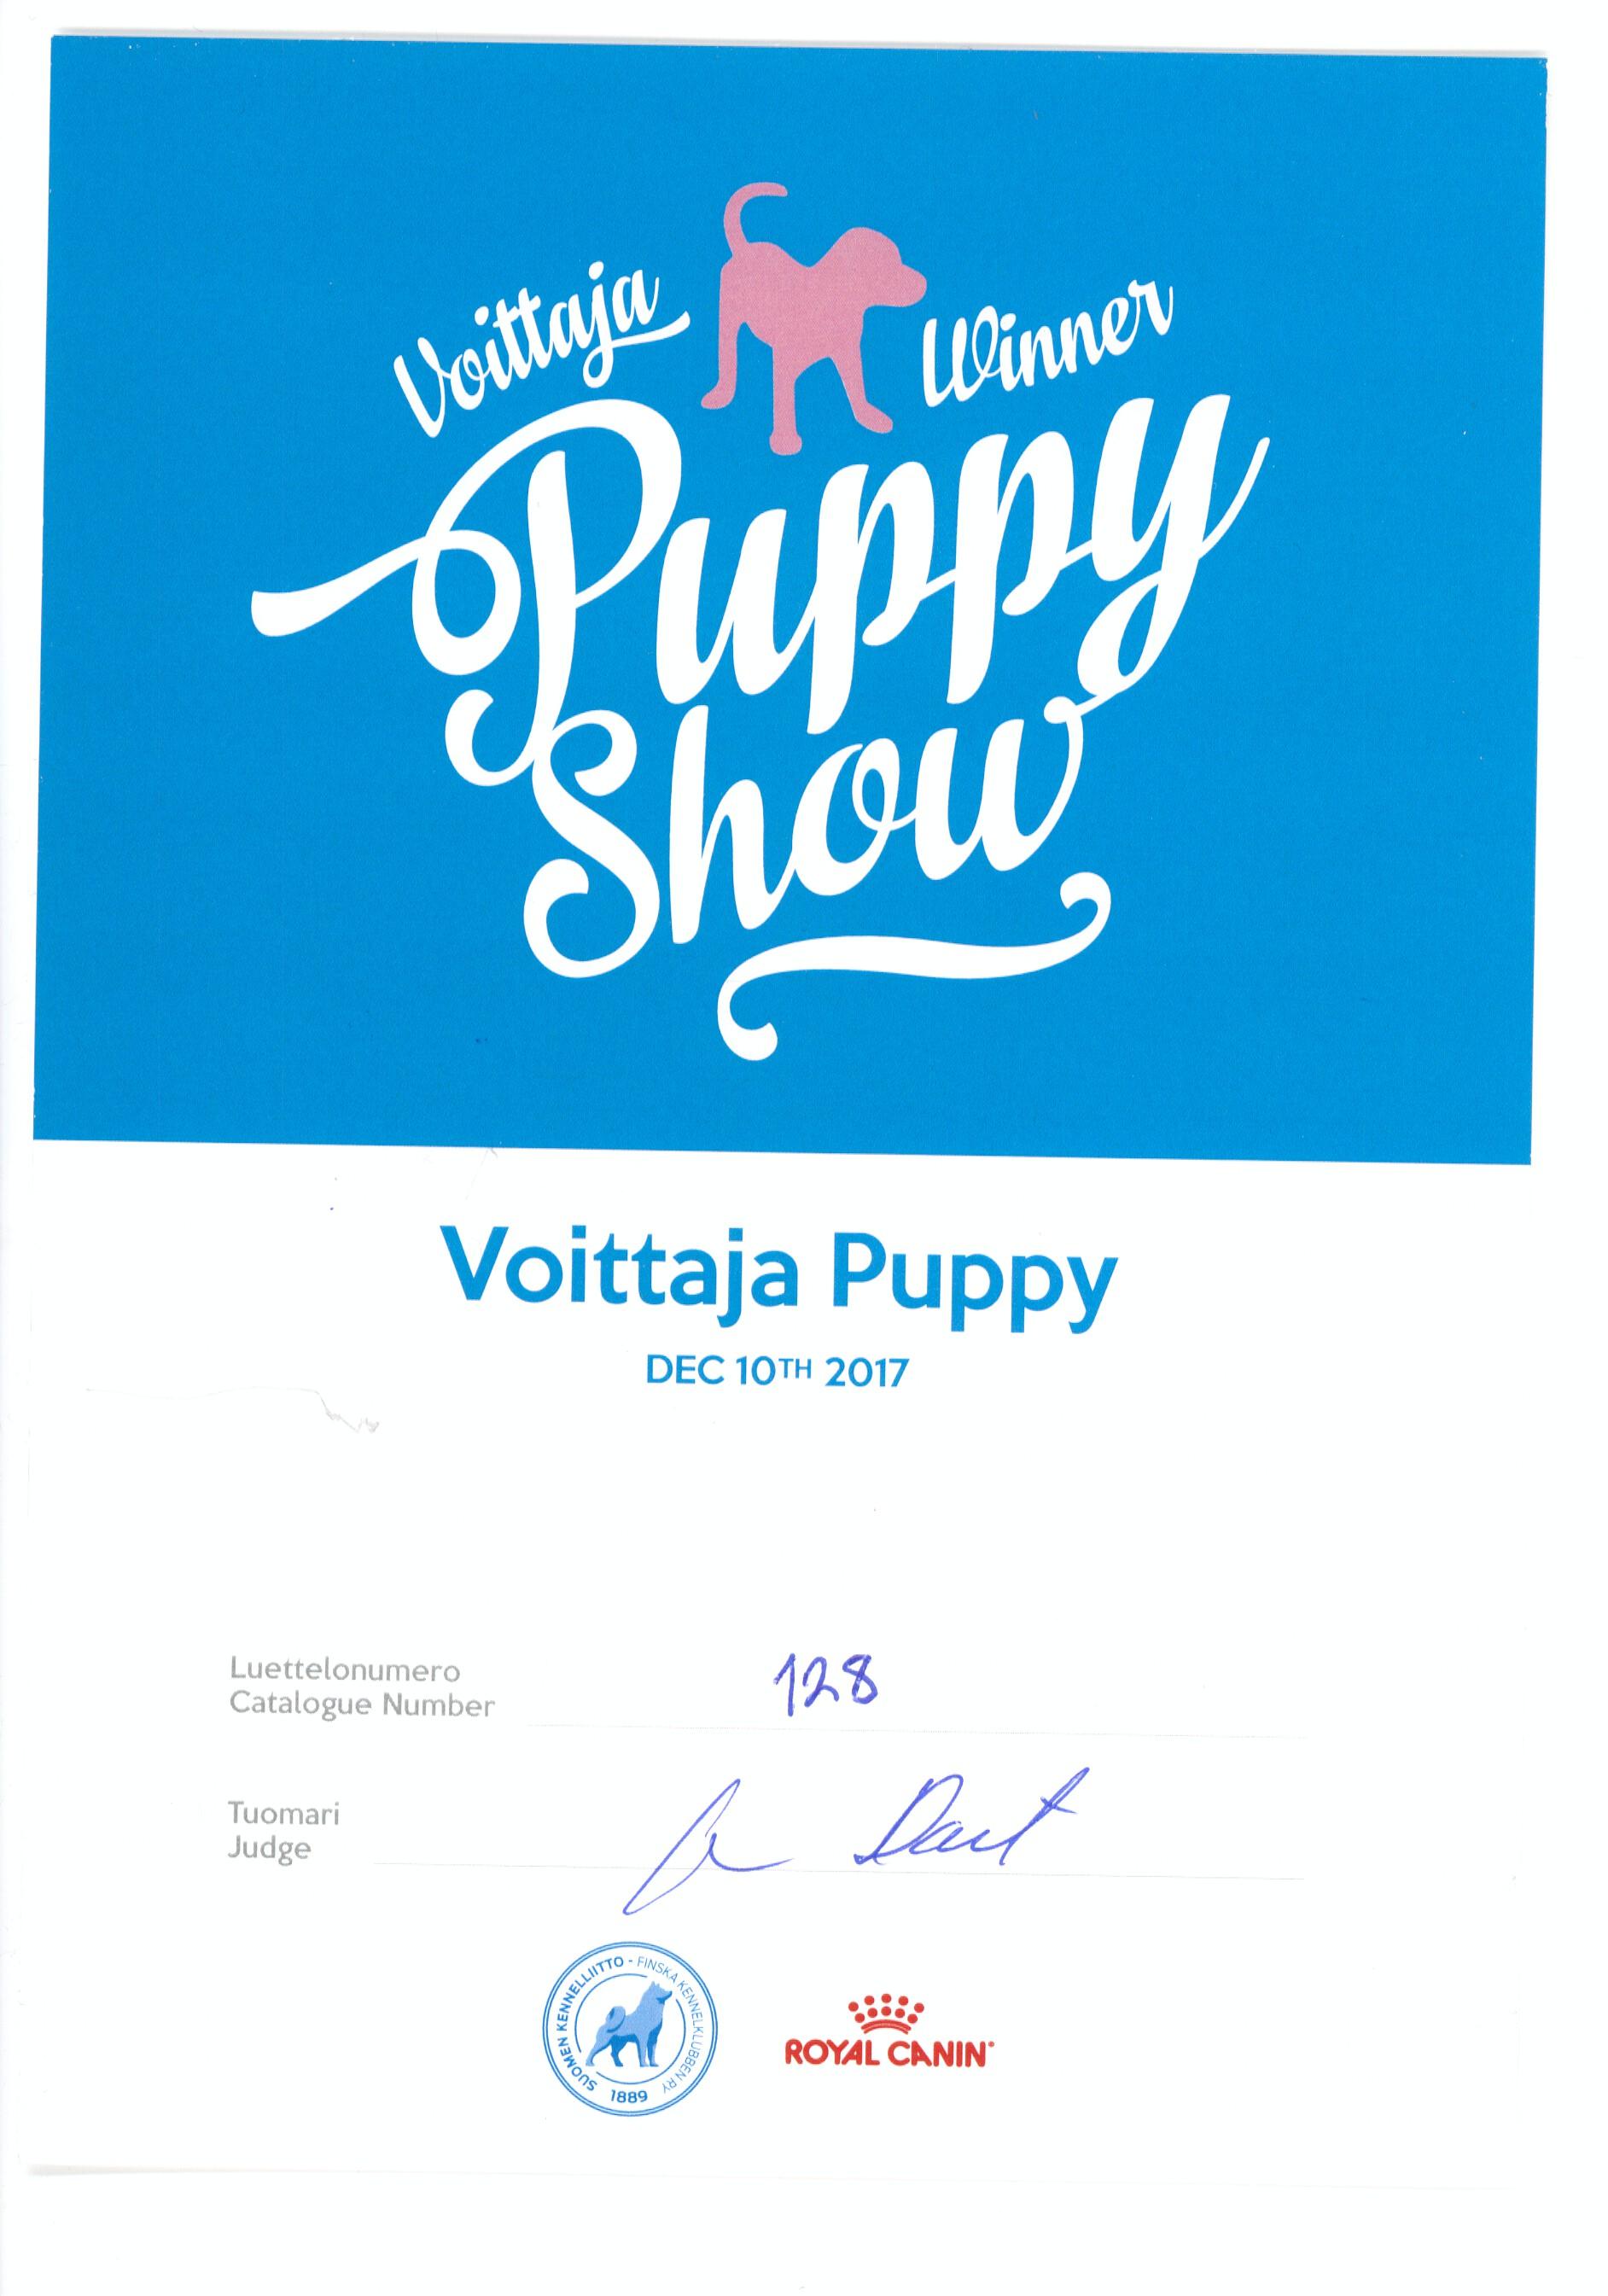 Шон 10.12.17 Войта ВОВ puppy